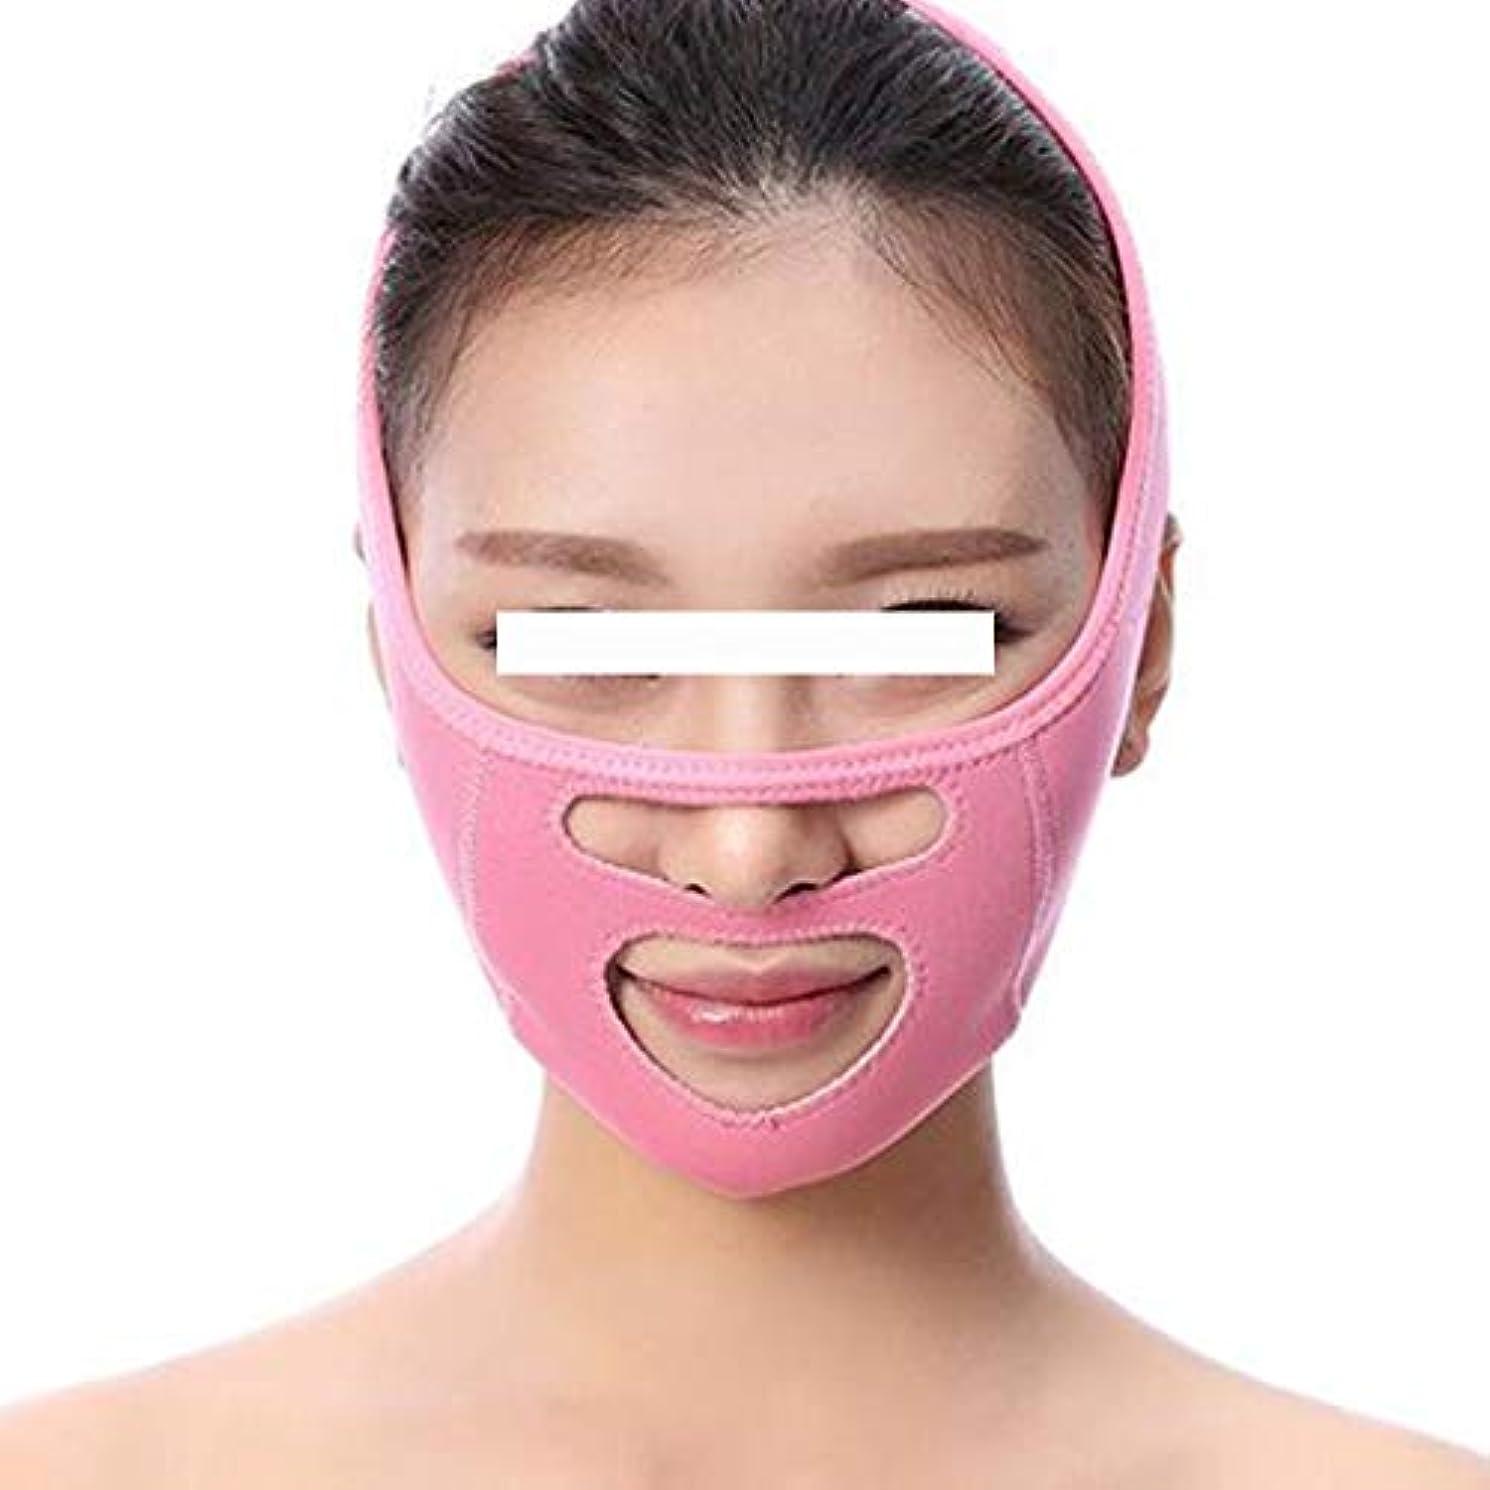 ビヨン意気揚々キネマティクス人気のVフェイスマスク - 睡眠小顔美容フェイス包帯 - Decreeダブルチンvフェイスに移動